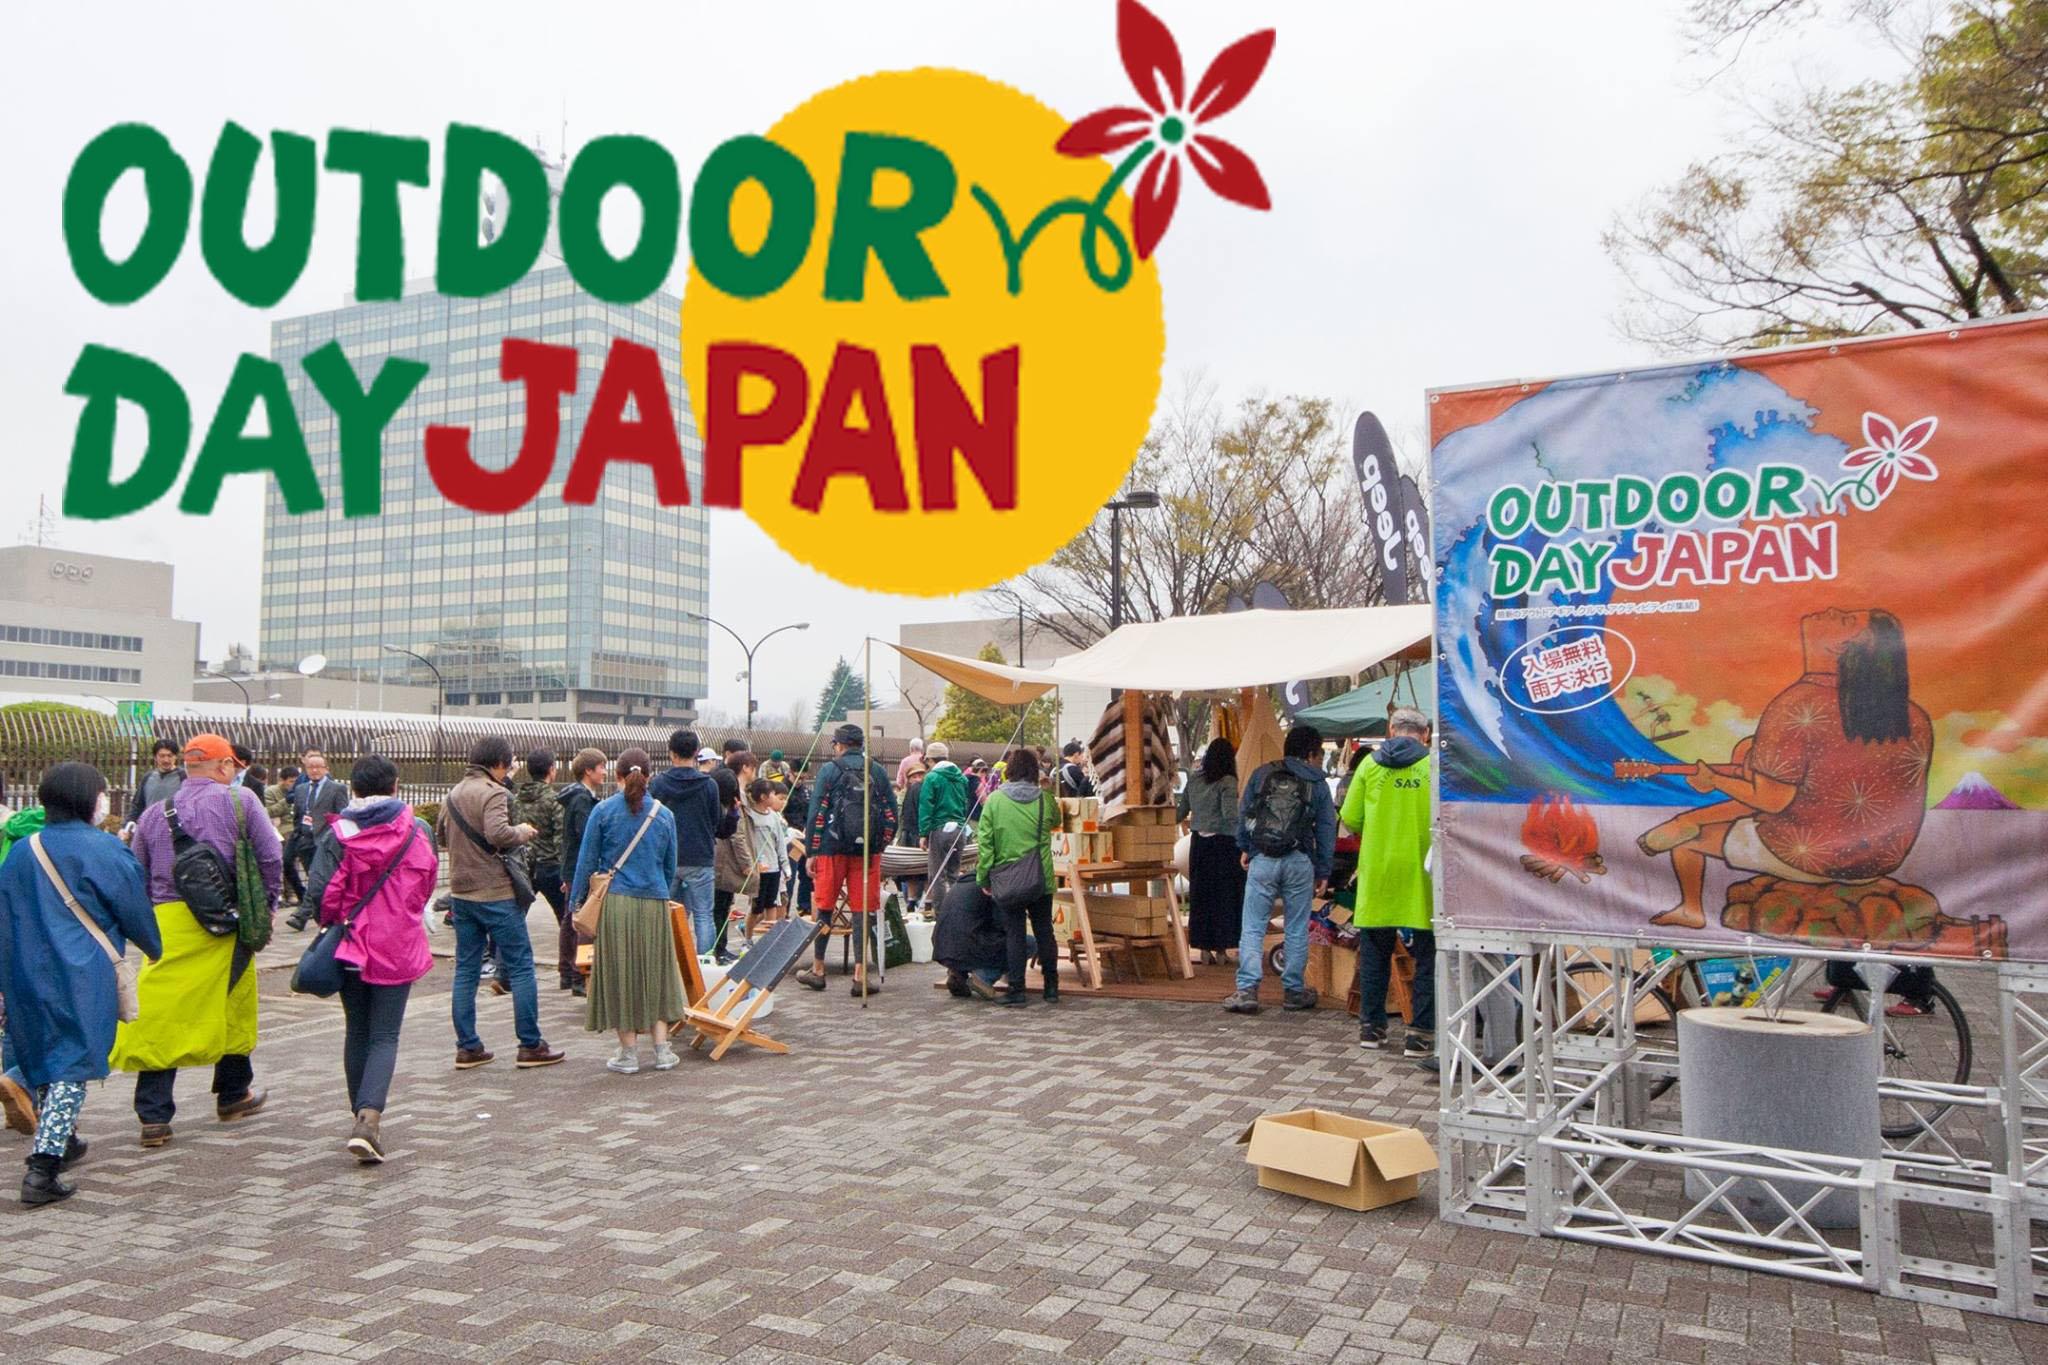 【入場無料】国内最大級のアウトドアイベント「アウトドアデイジャパン」に行ってみない?